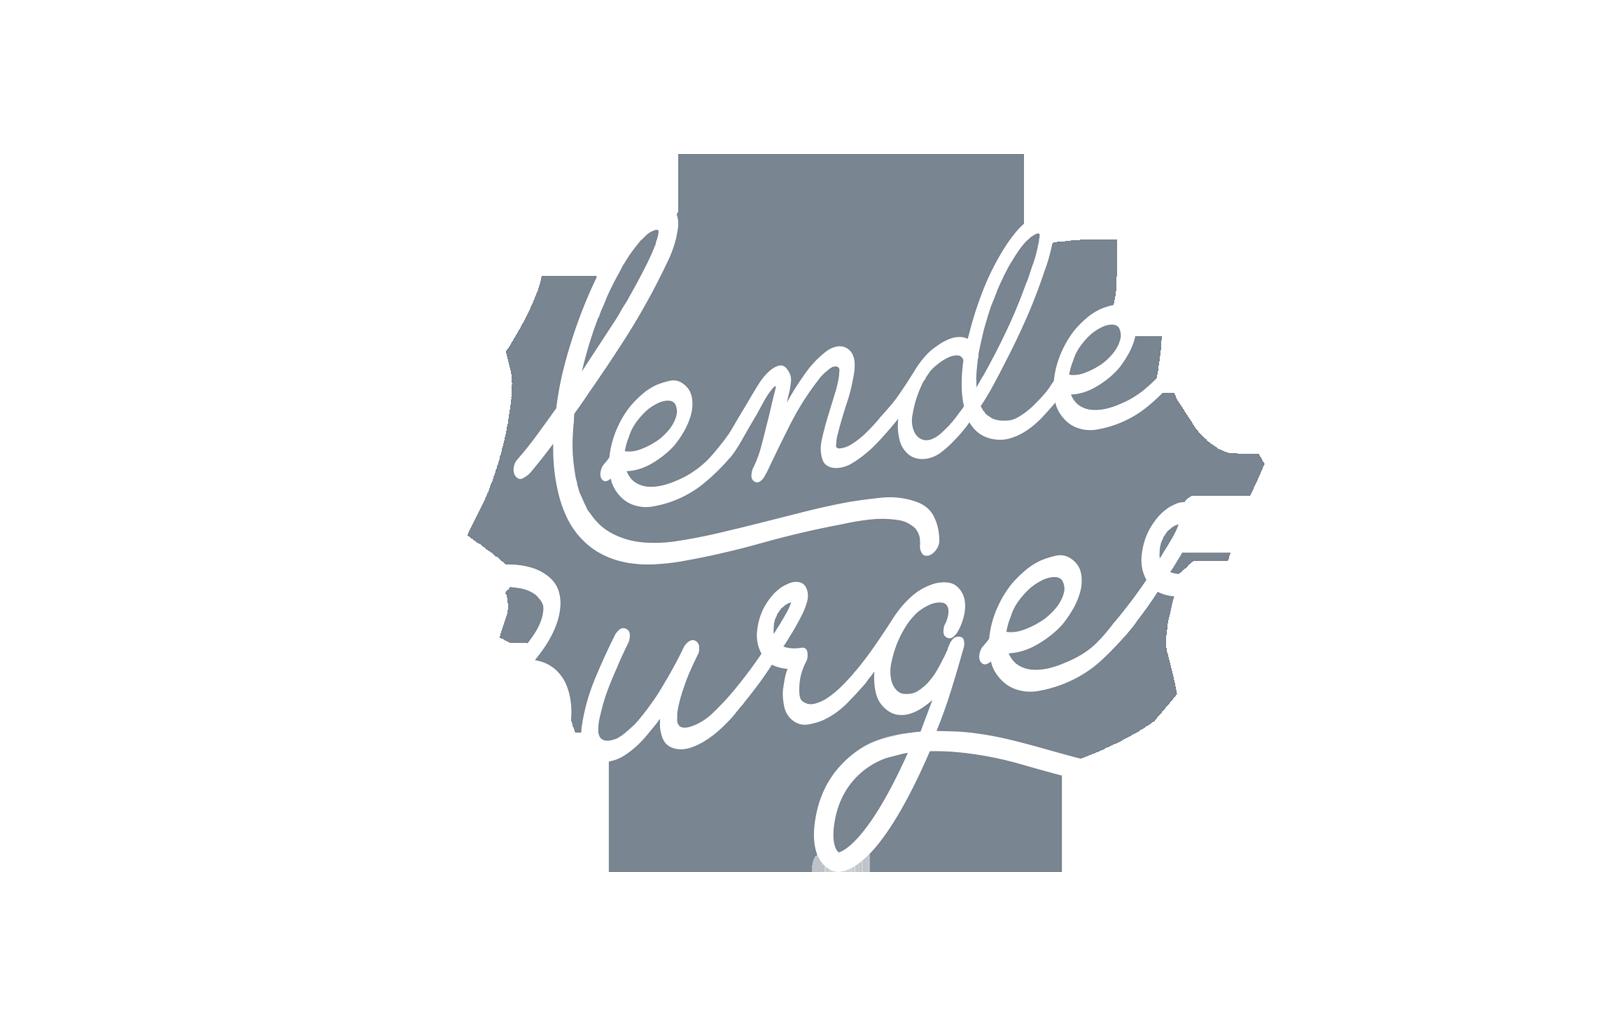 blendedburgers.png